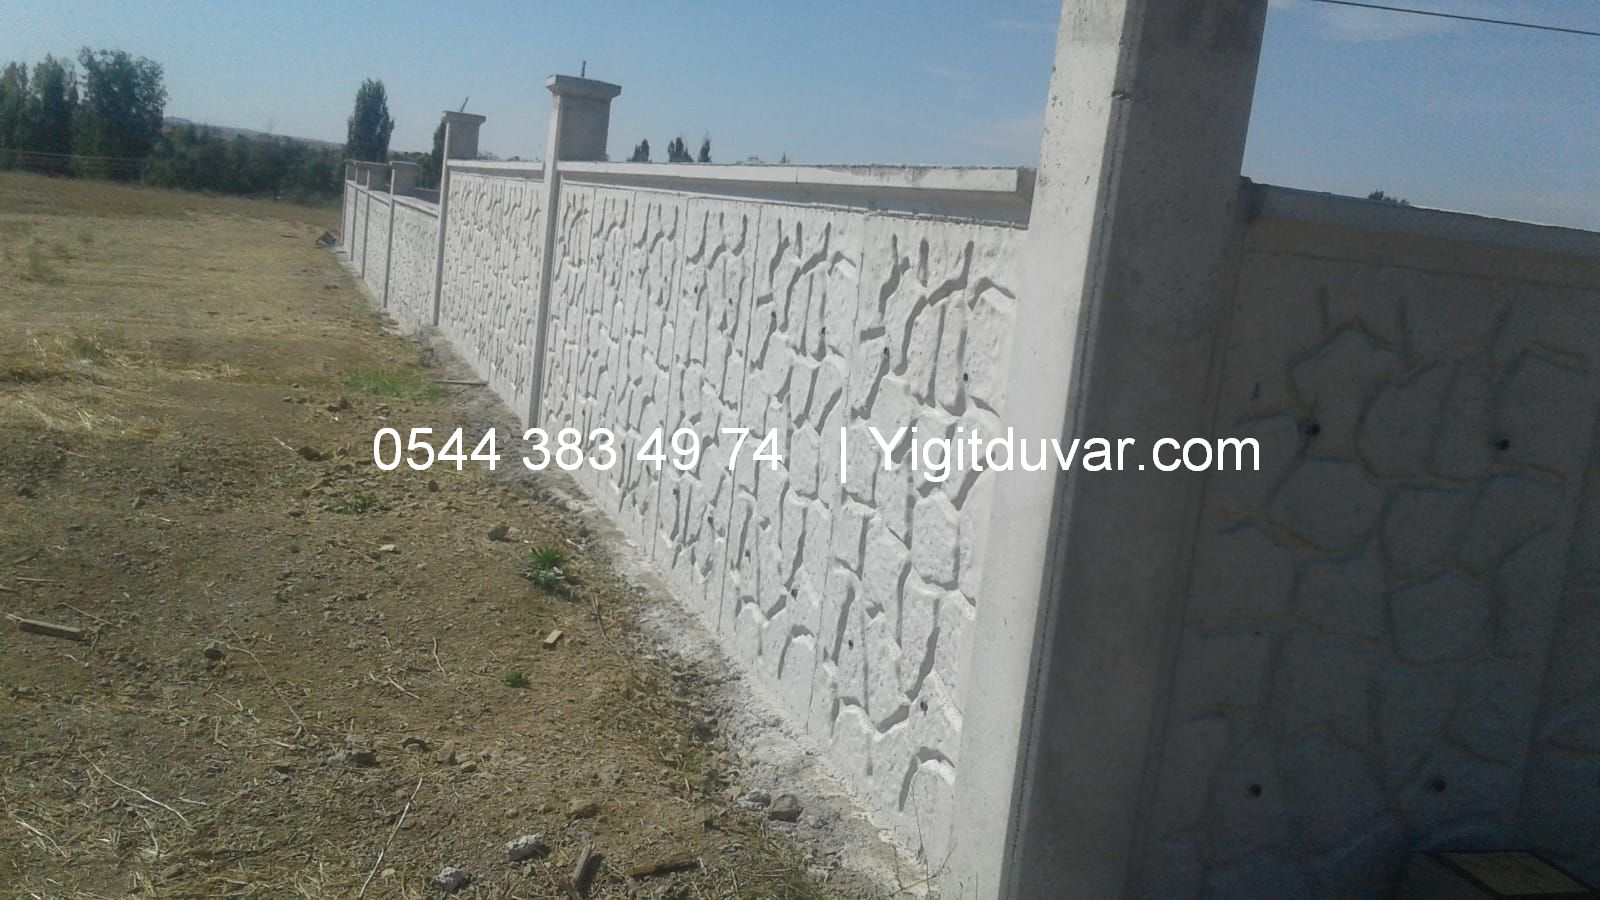 Ankara_Duvar_Ustası_1093